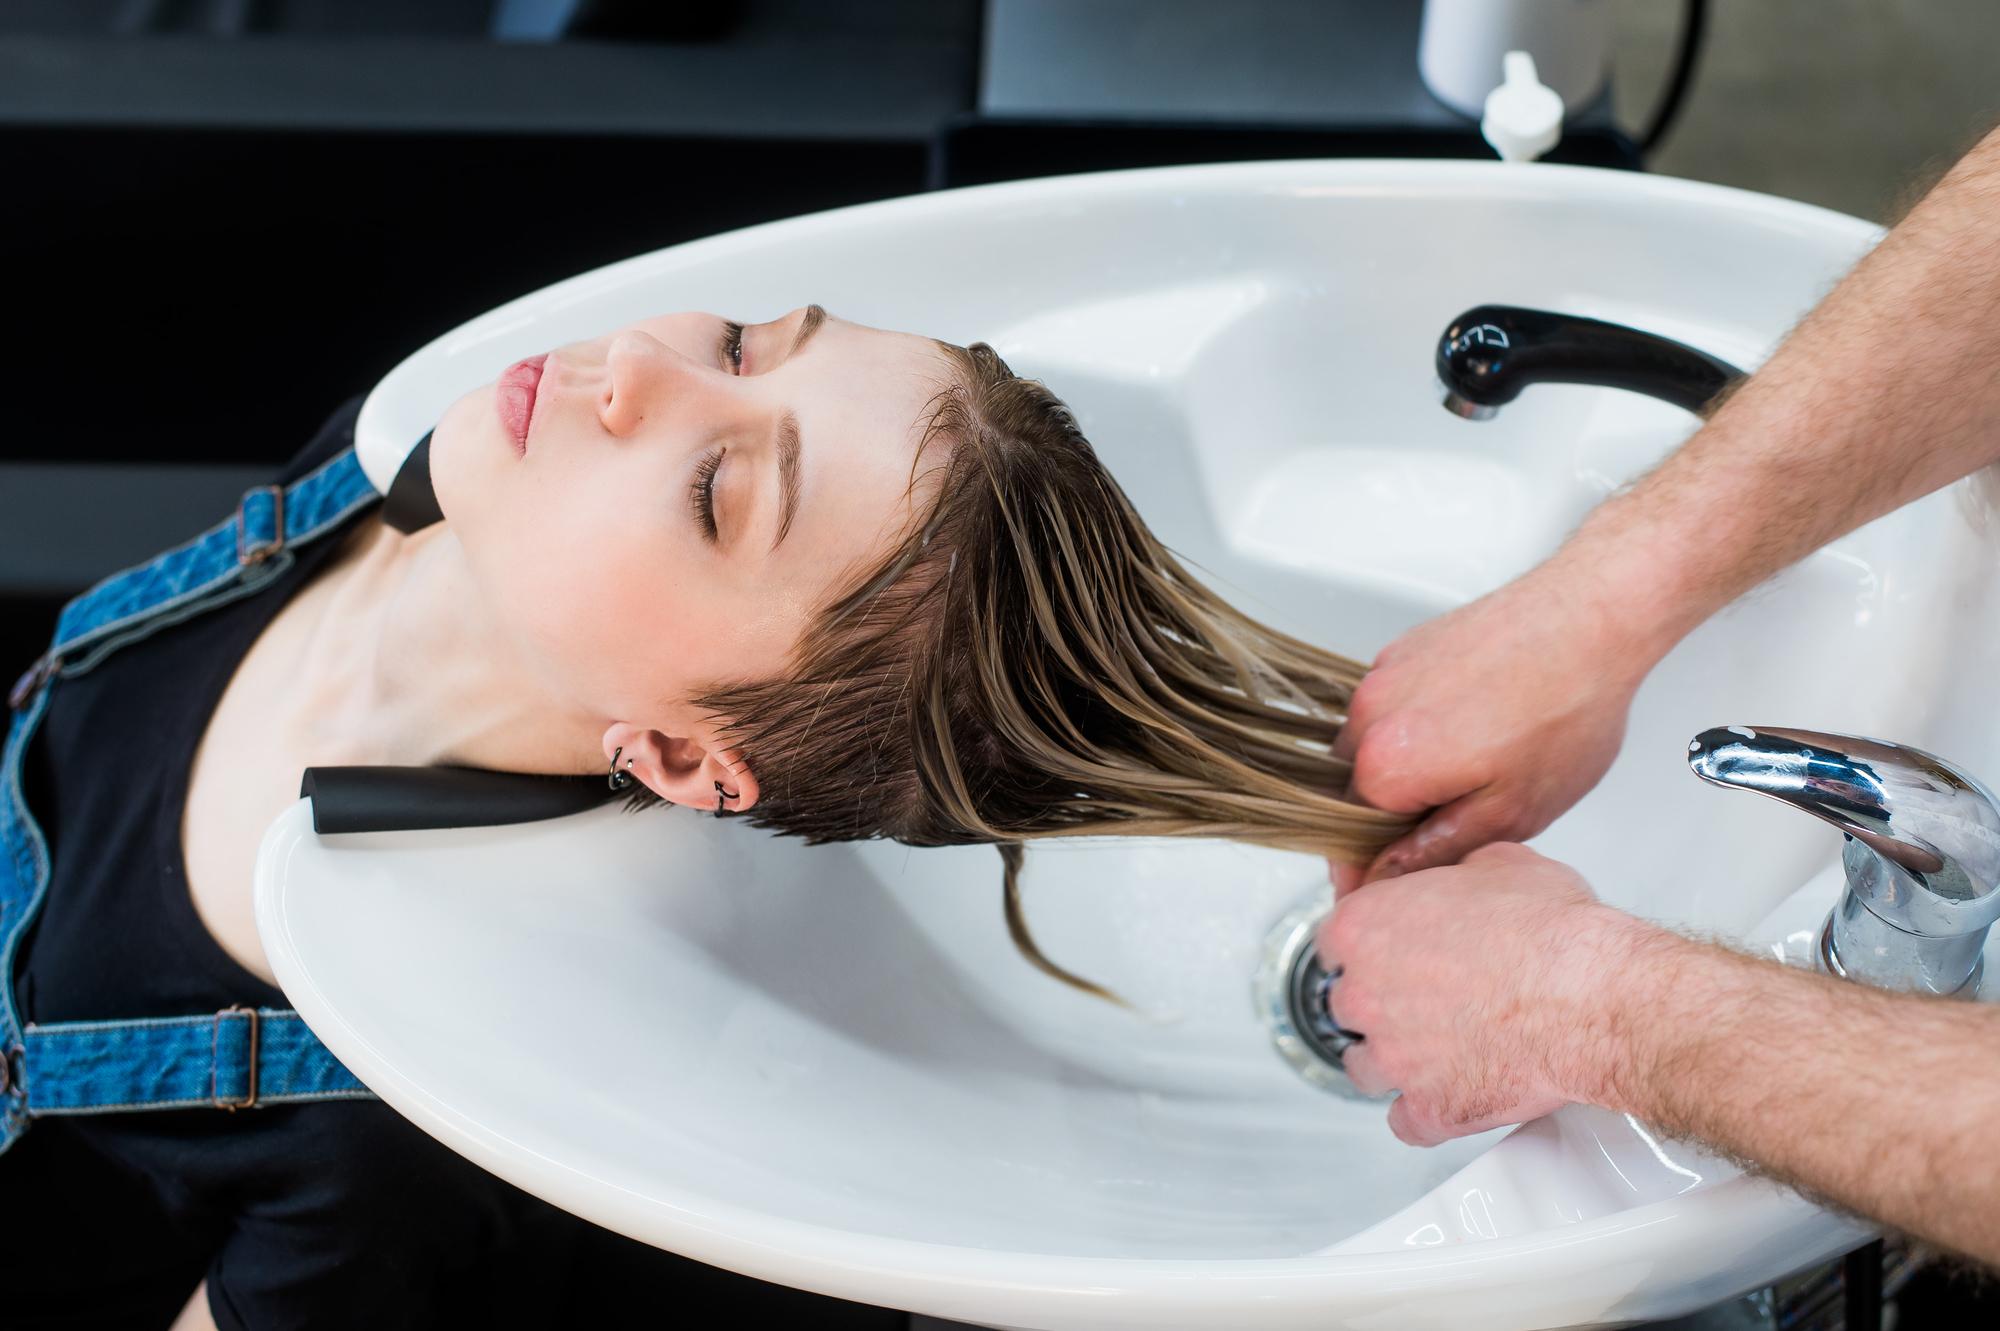 洗髪中の女性